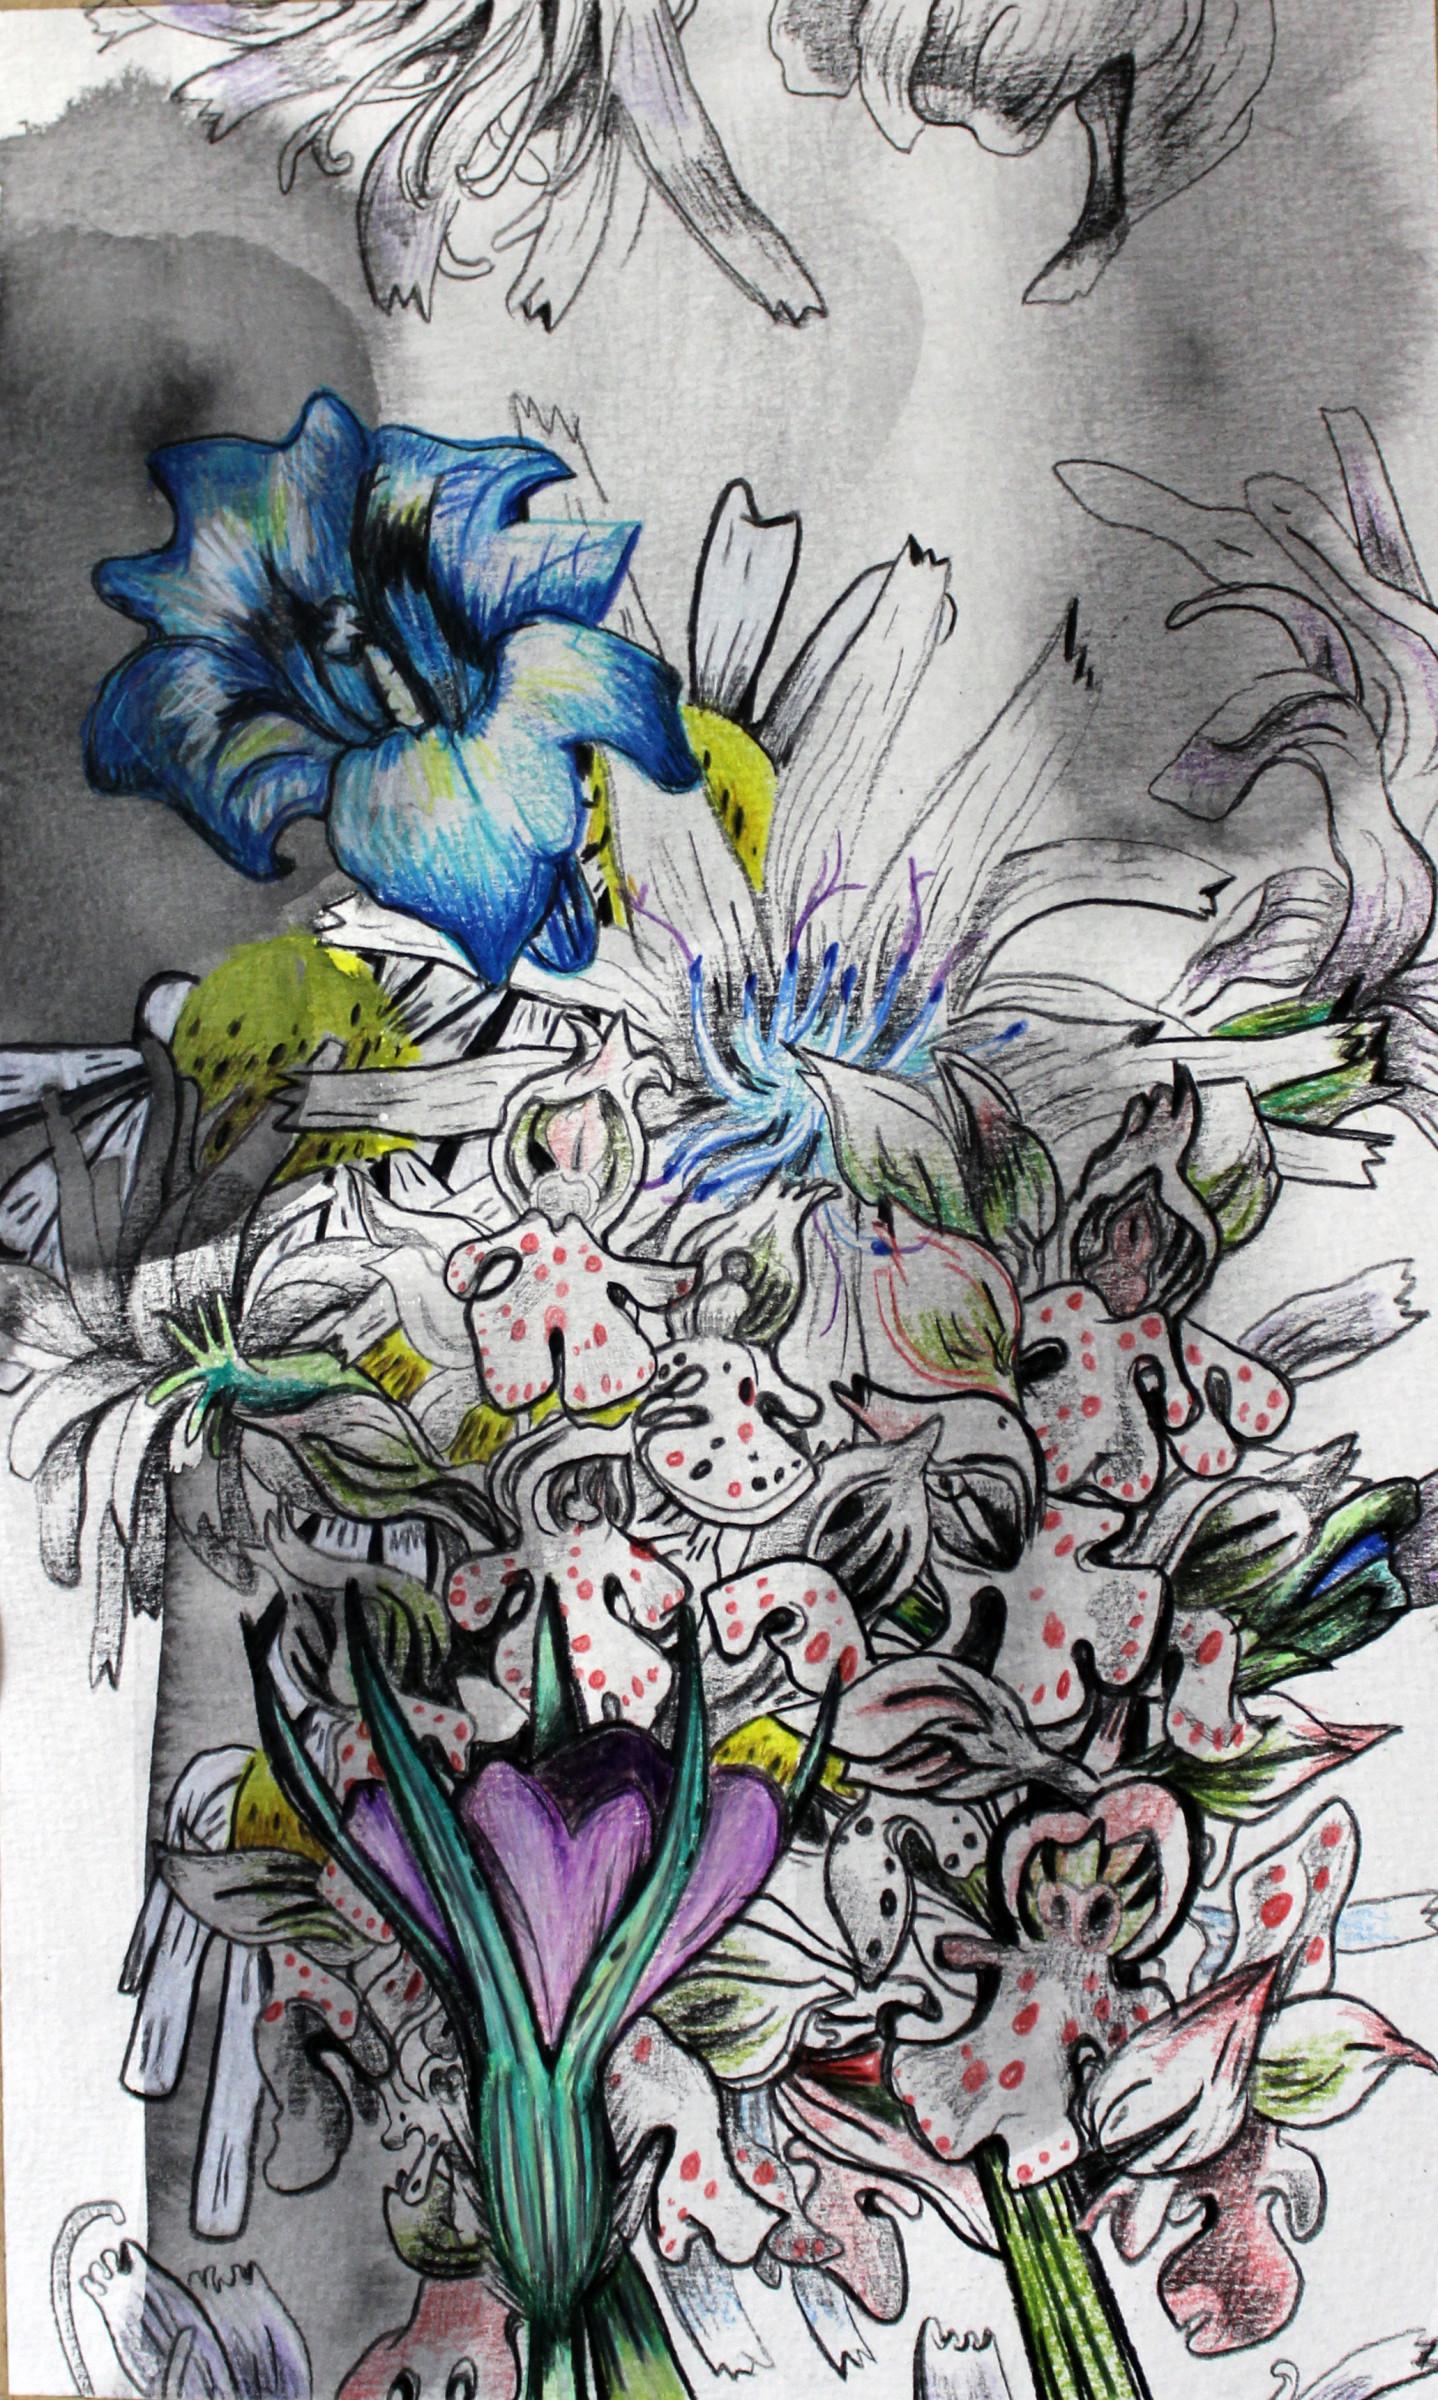 <span class=&#34;link fancybox-details-link&#34;><a href=&#34;/artists/51-florentine-%26-alexandre-lamarche-ovize/works/9596/&#34;>View Detail Page</a></span><div class=&#34;artist&#34;><strong>Florentine & Alexandre LAMARCHE-OVIZE</strong></div> <div class=&#34;title&#34;><em>Elisée, un herbier</em>, 2018</div> <div class=&#34;medium&#34;>Mixed media on paper</div> <div class=&#34;dimensions&#34;>18 x 30 cm<br /> 7 1/8 x 11 3/4 in</div><div class=&#34;copyright_line&#34;>Copyright The Artist</div>